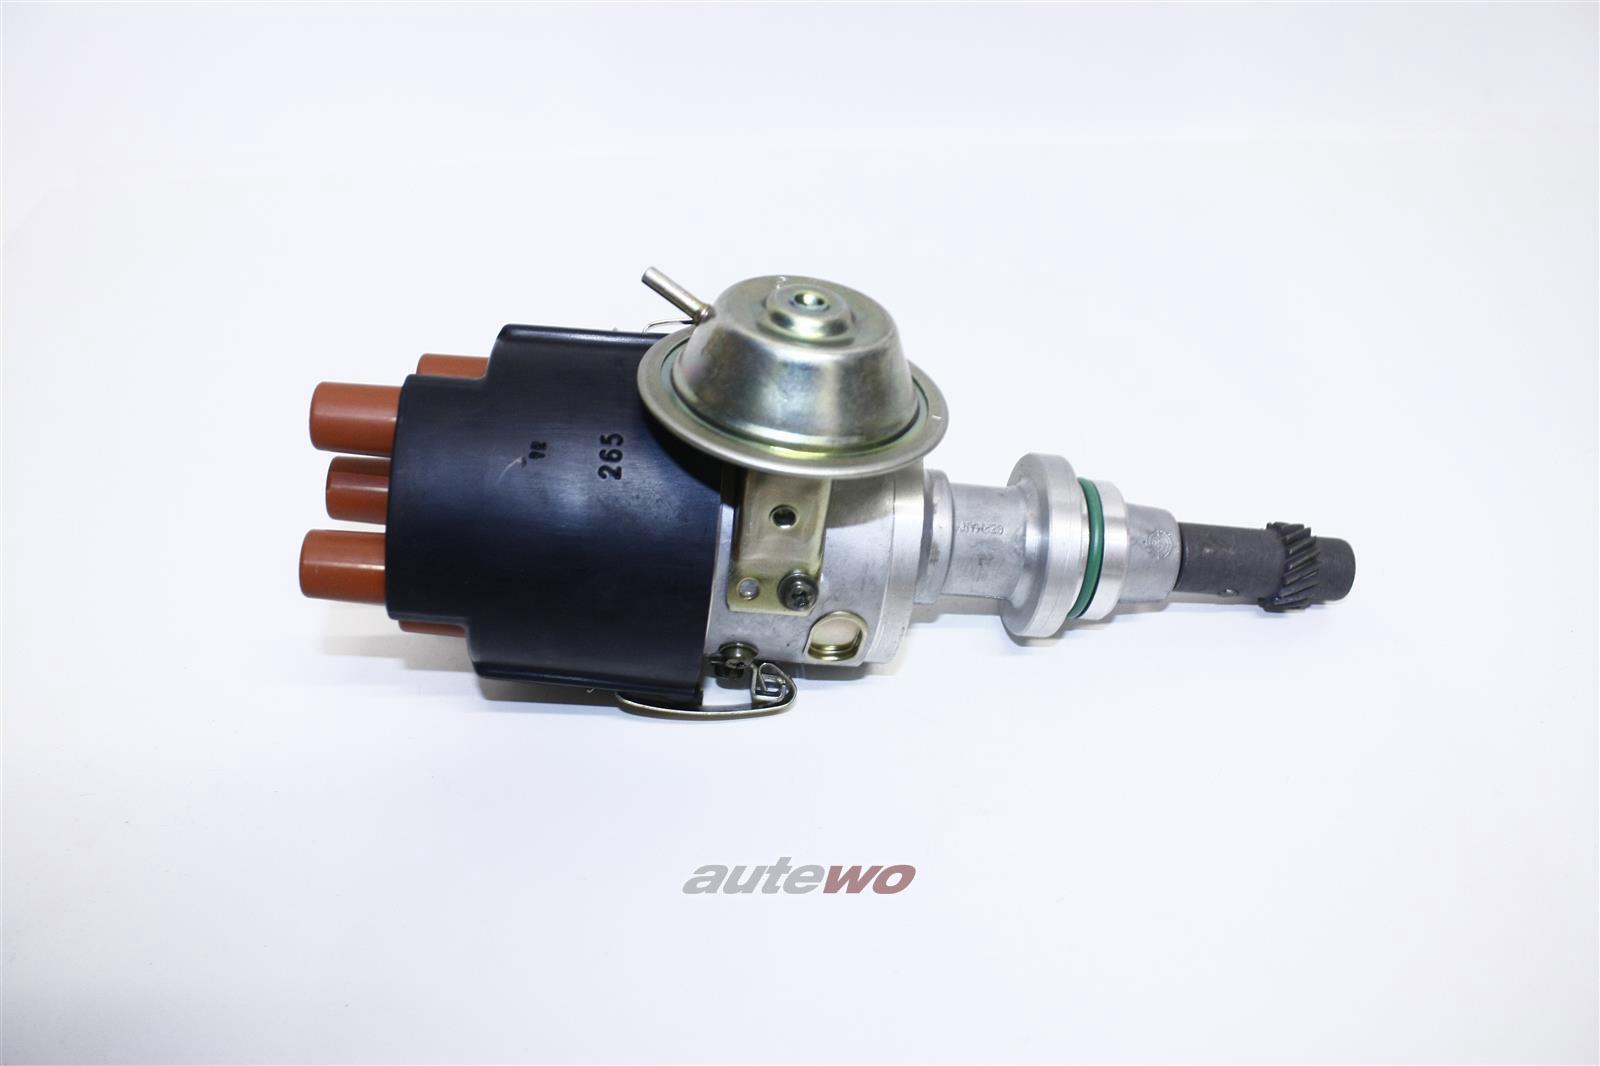 035905206AJ 0237030023 NEU Audi/VW 90/Coupe 81/100 44 2.0l 5 Zyl Zündverteiler